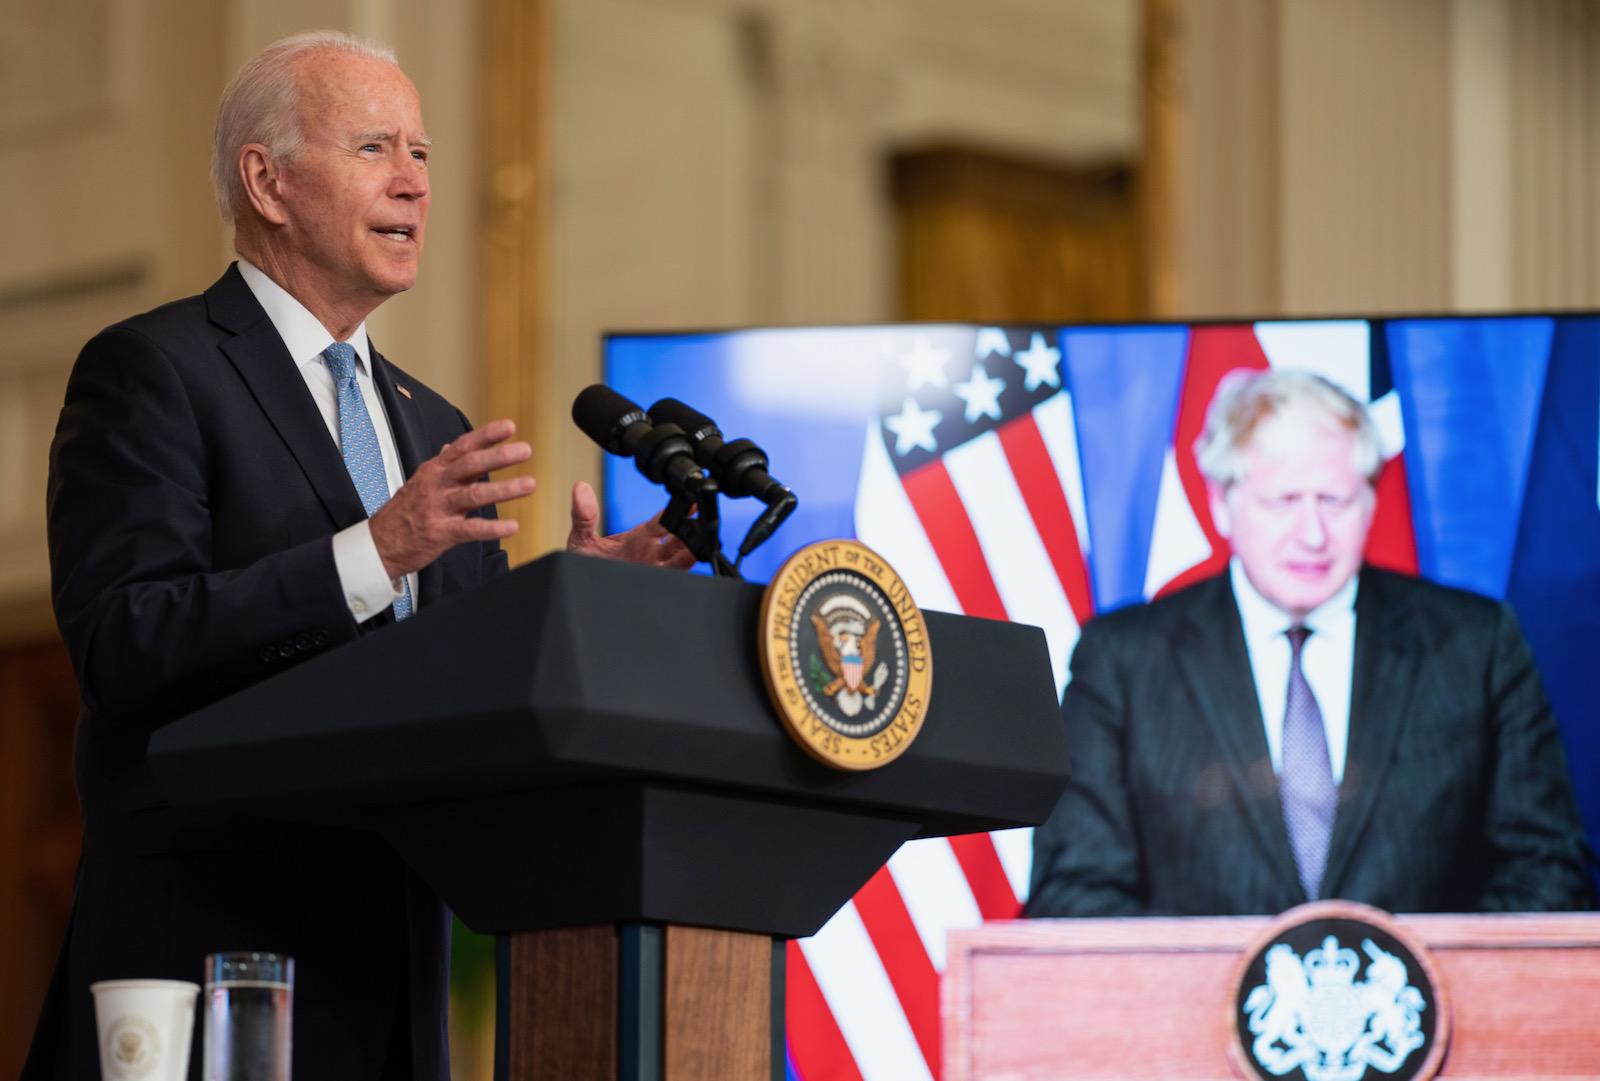 President Joe Biden delivering remarks